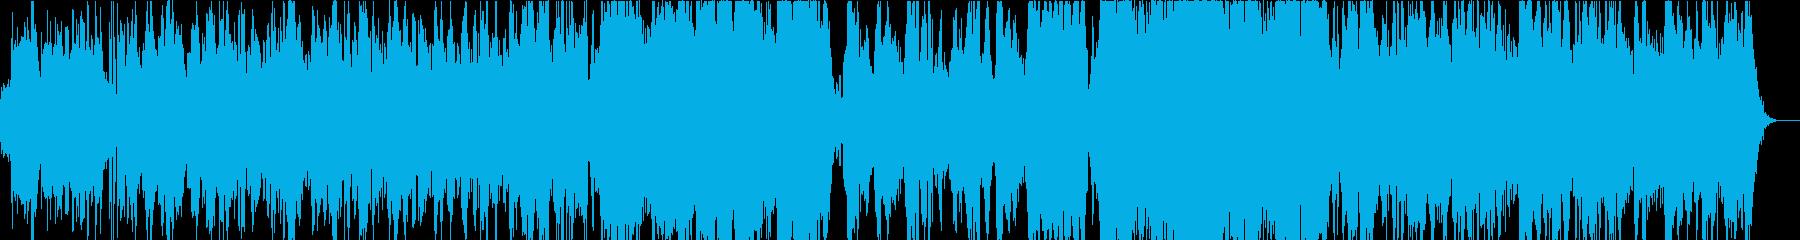 二胡でアップテンポで幻想的の再生済みの波形